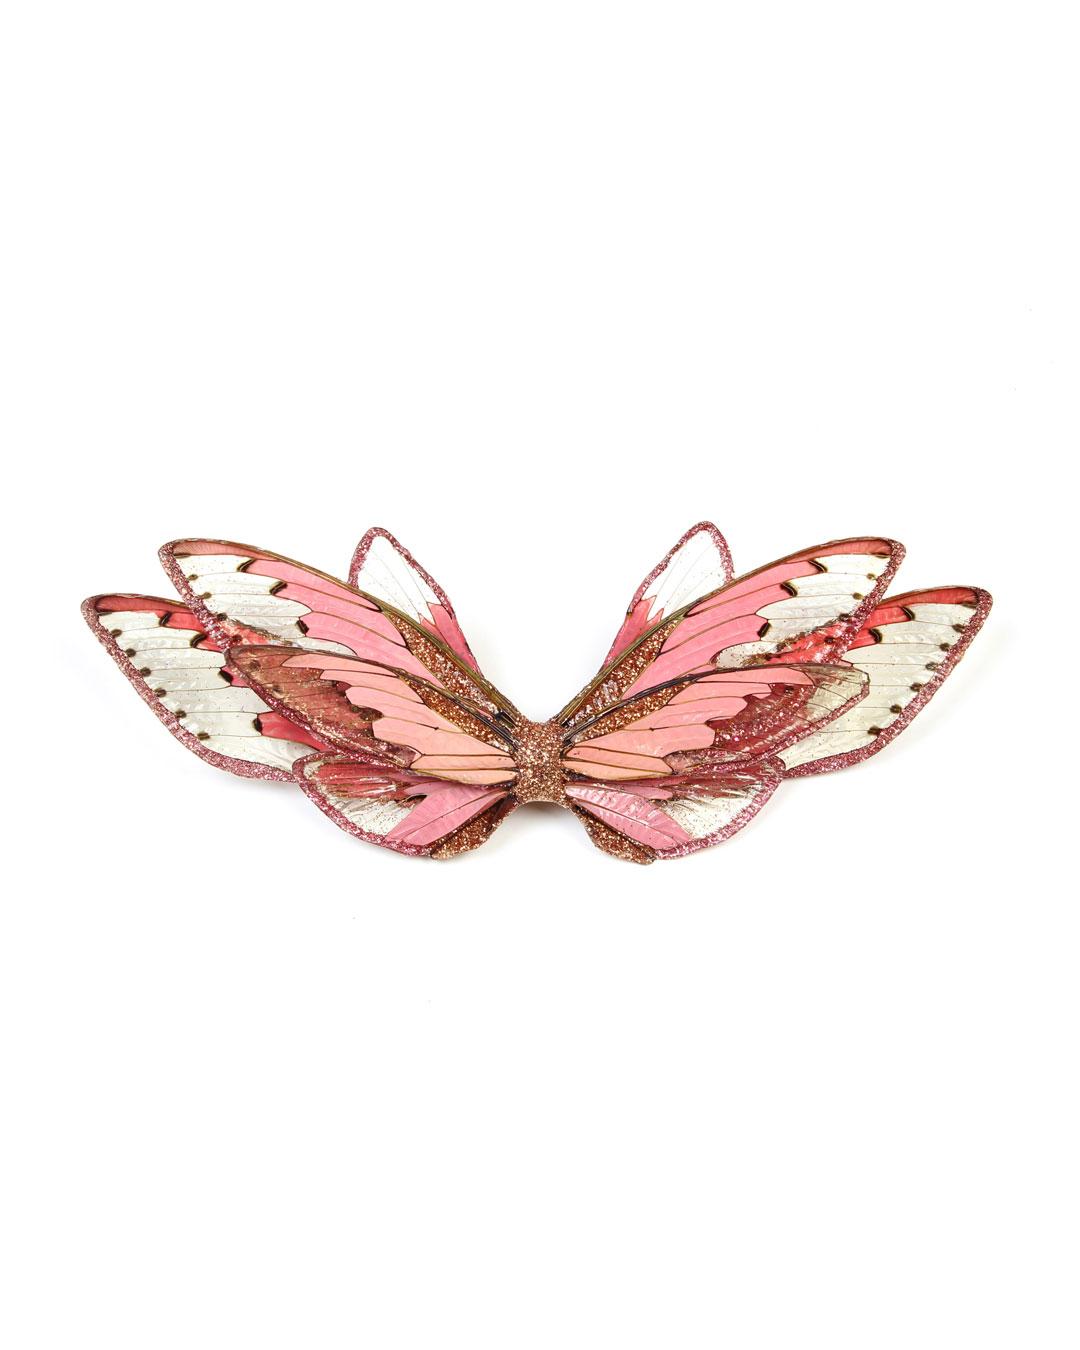 Märta Mattsson, Wings, 2015, brooch; cicadas, resin, pigment, silver, 170 x 80 x 20 mm, €1940